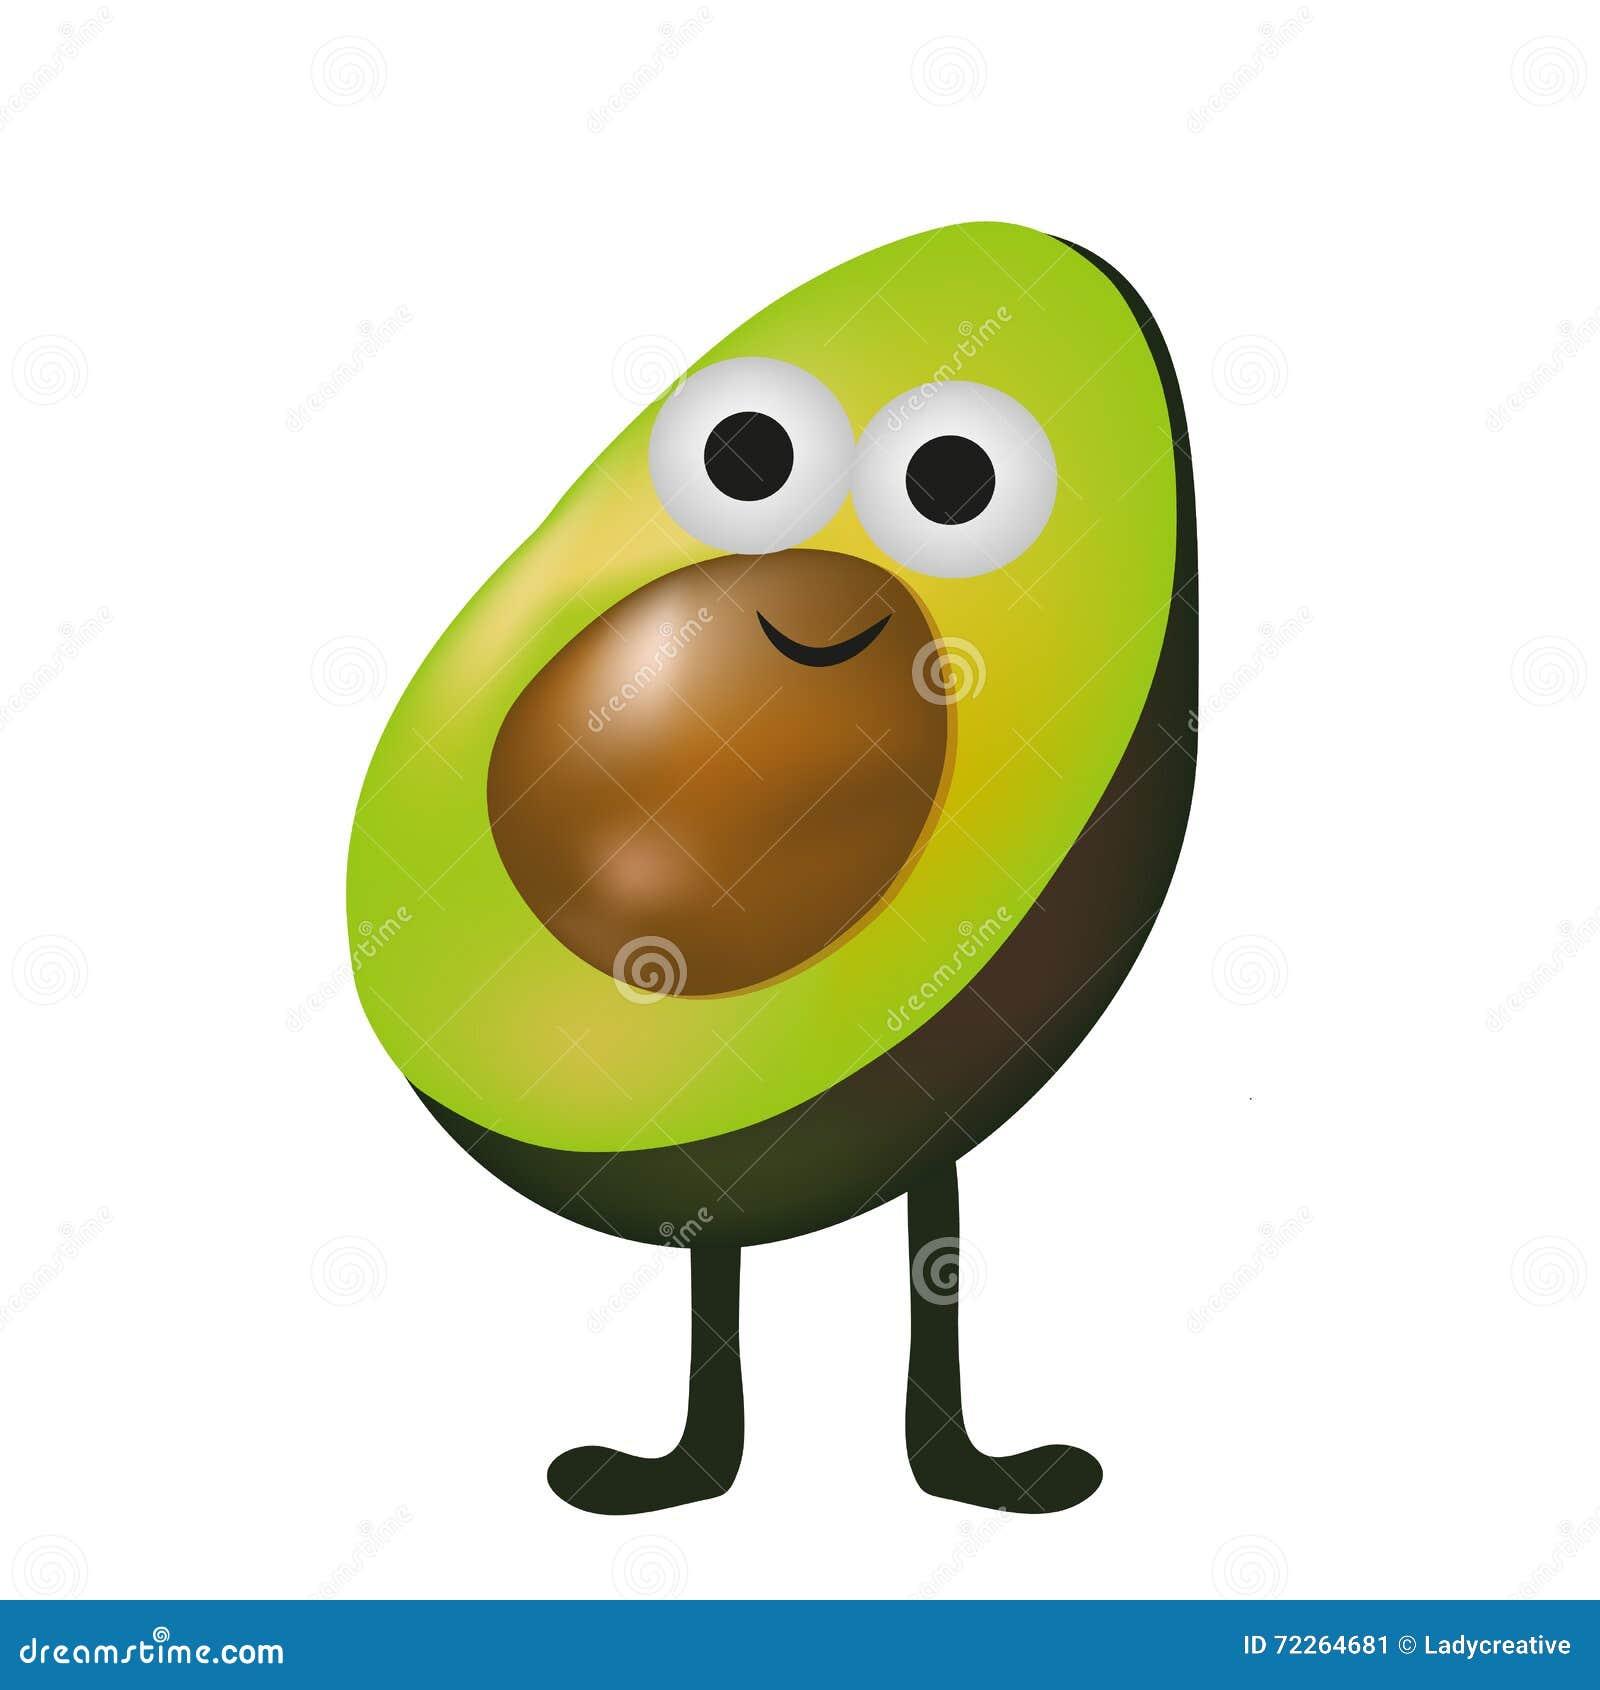 Cute Avocado Vector Cartoon Smile With Legs Stock Vector